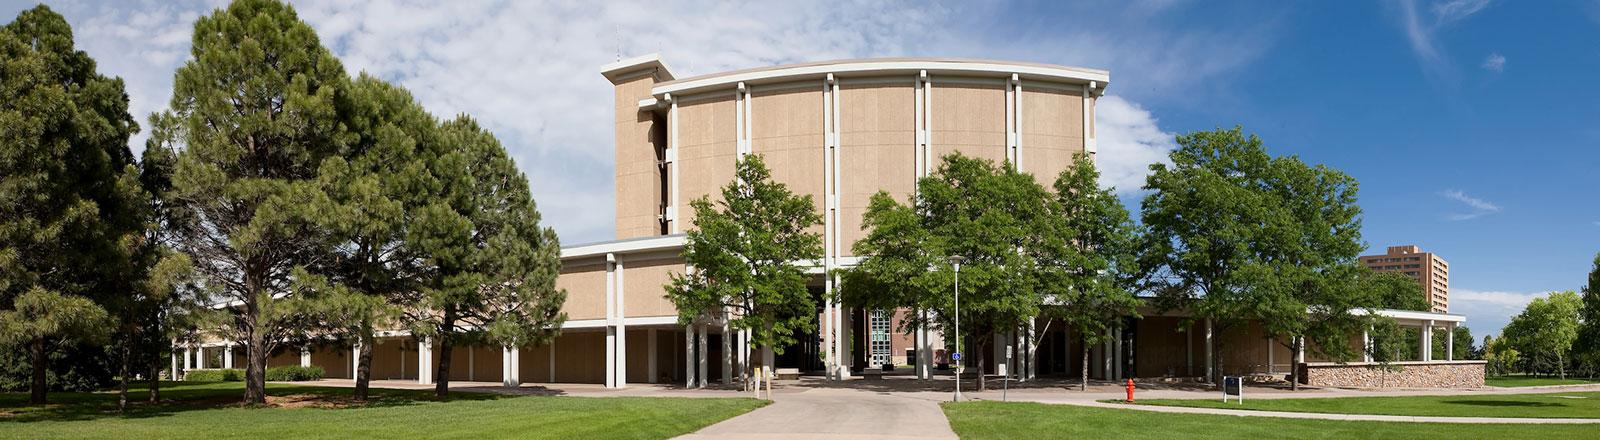 mckee hall at unc